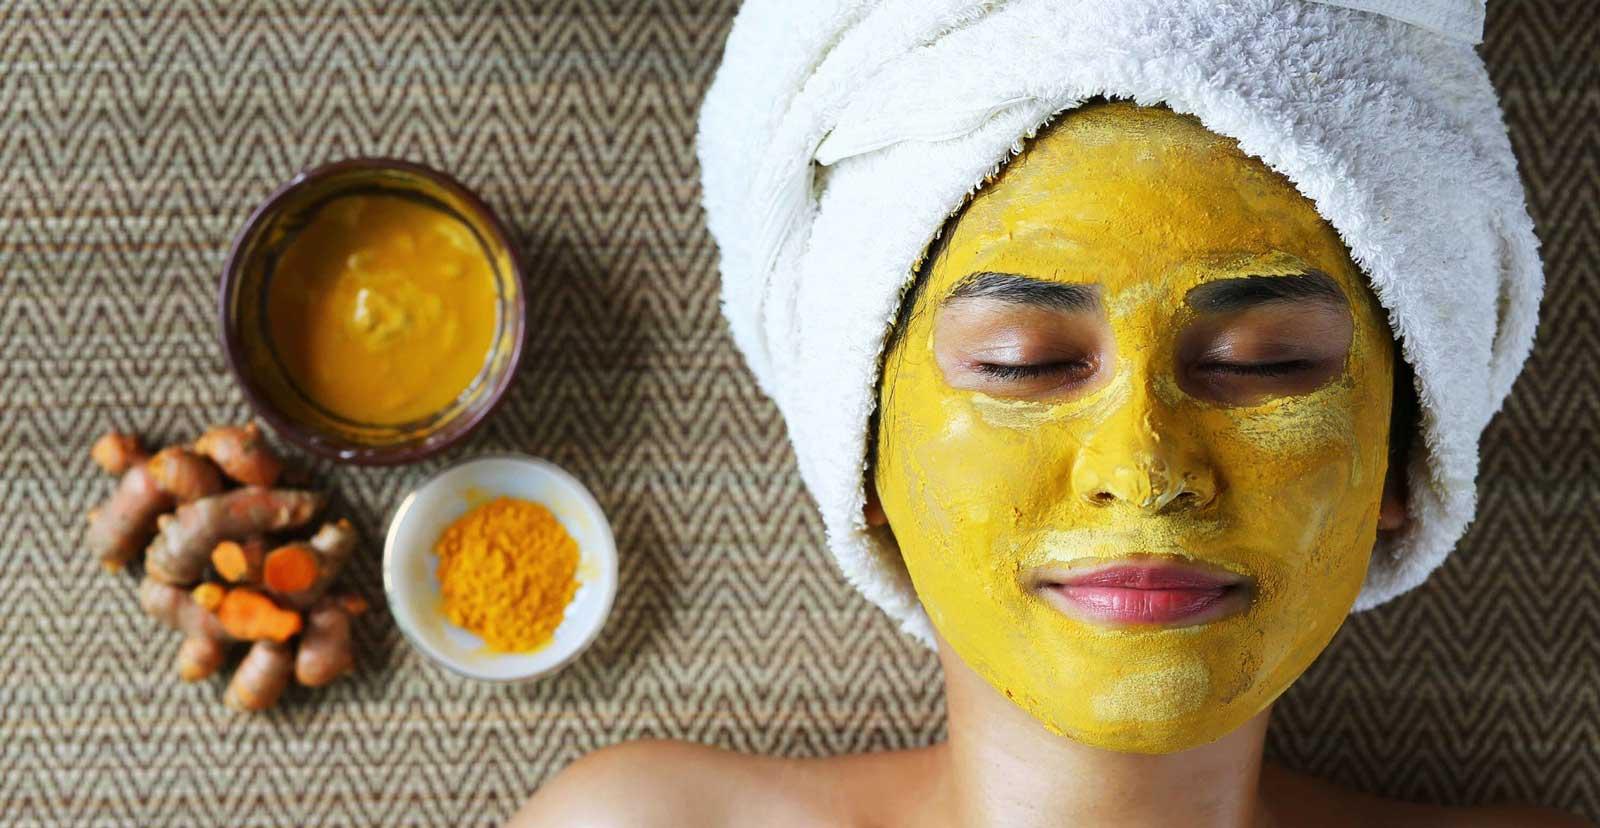 Masque de curcuma pour traiter l'acné, les rides, les cicatrices et les cernes